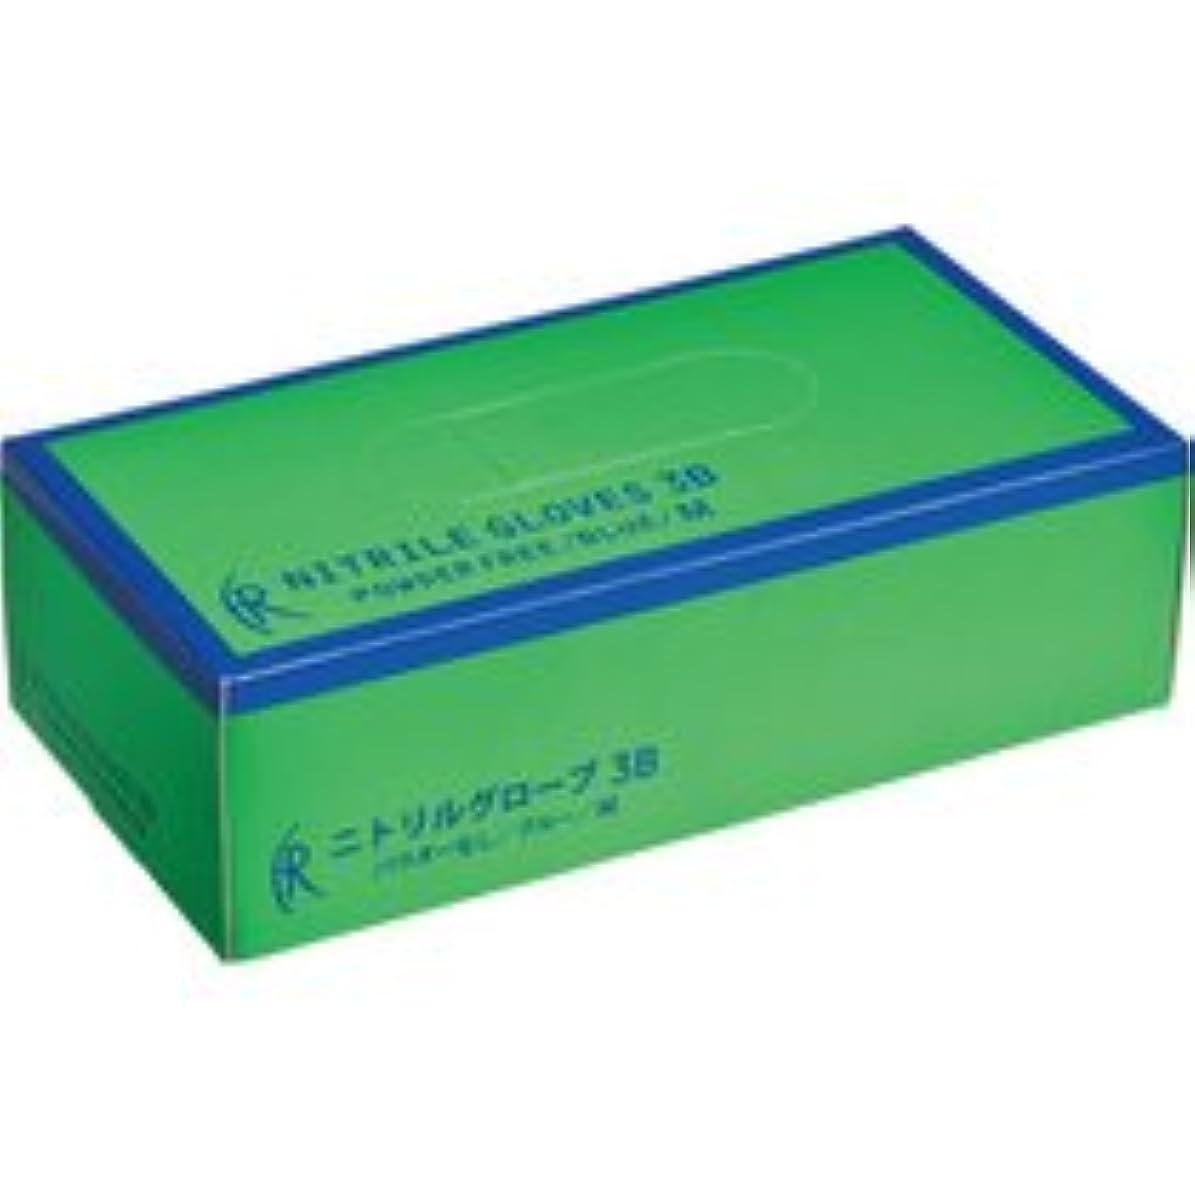 これら手配する過剰ファーストレイト ニトリルグローブ3B パウダーフリー M FR-5662 1箱(200枚)